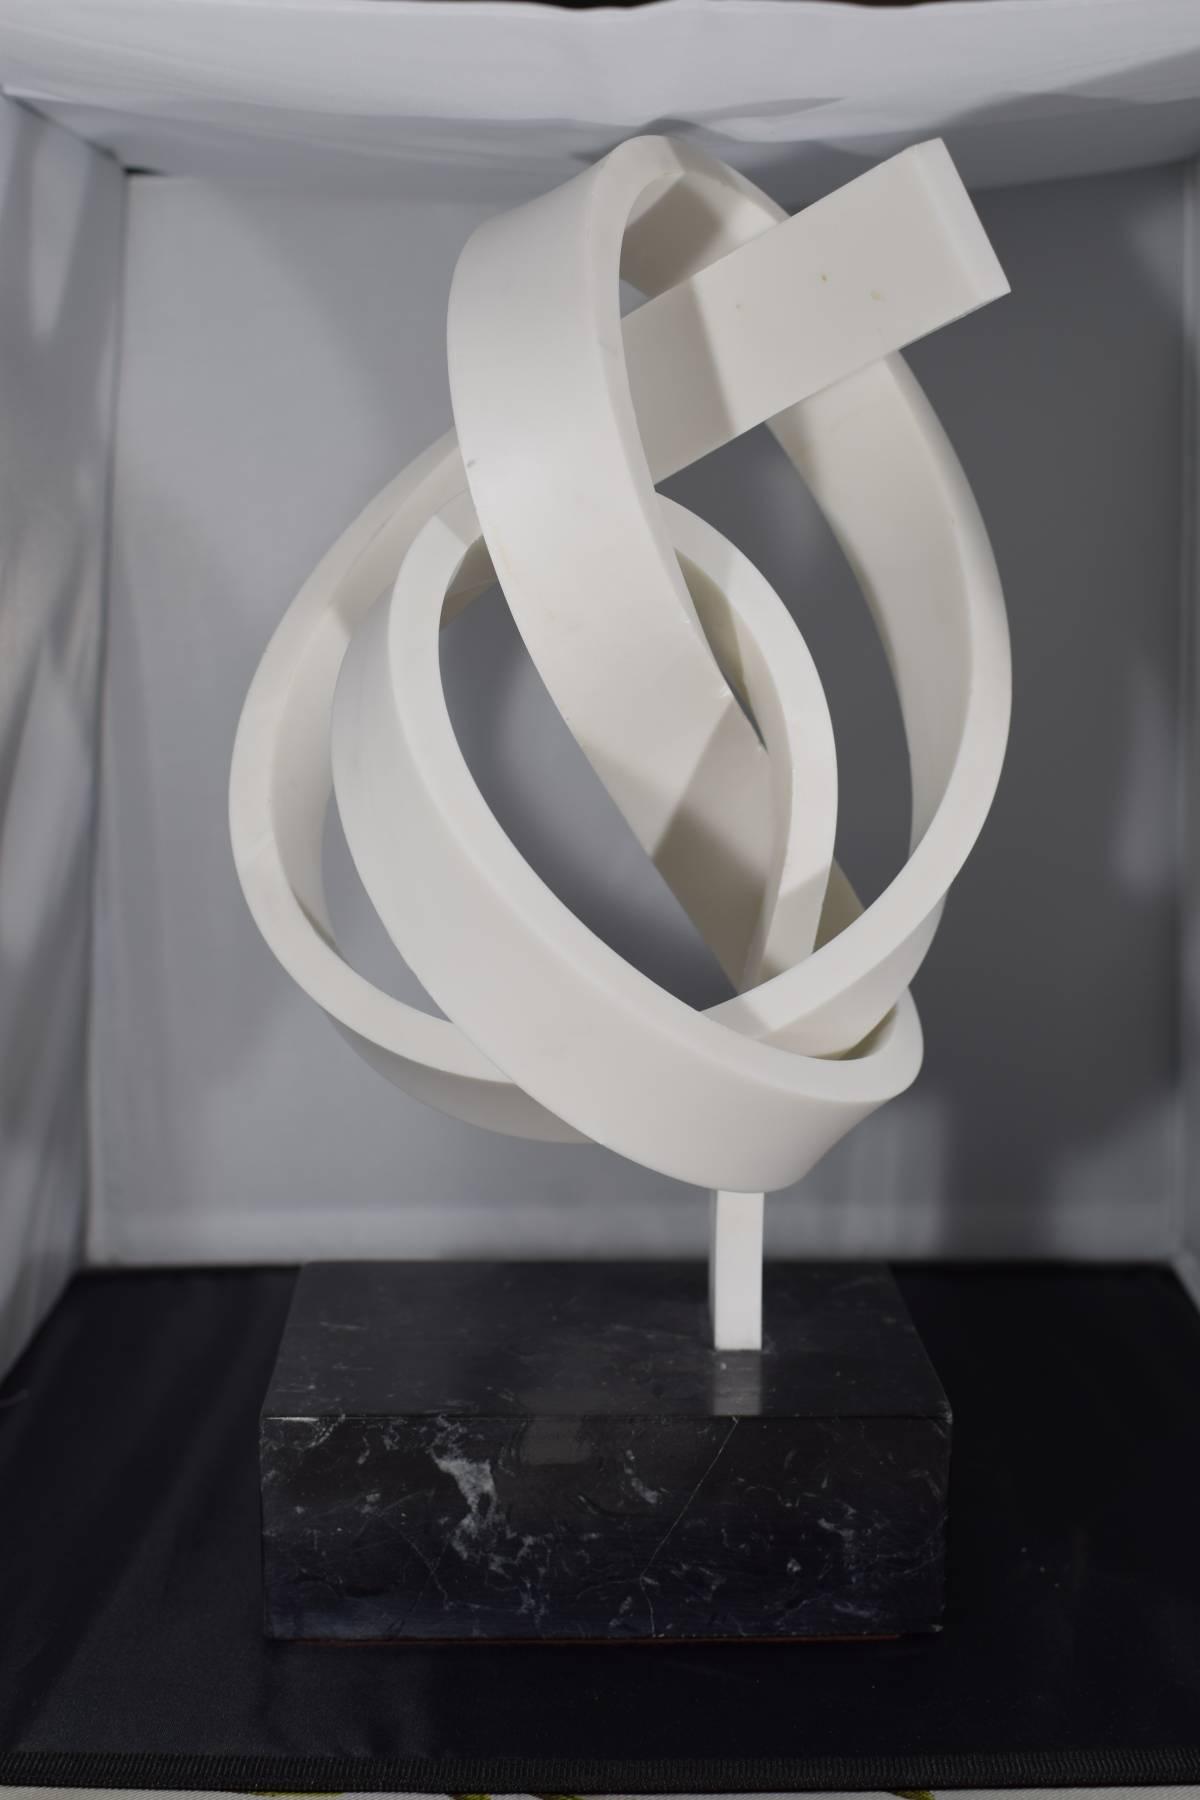 En la espiral está el plano (2016) - José Luis Alvarez Vélez